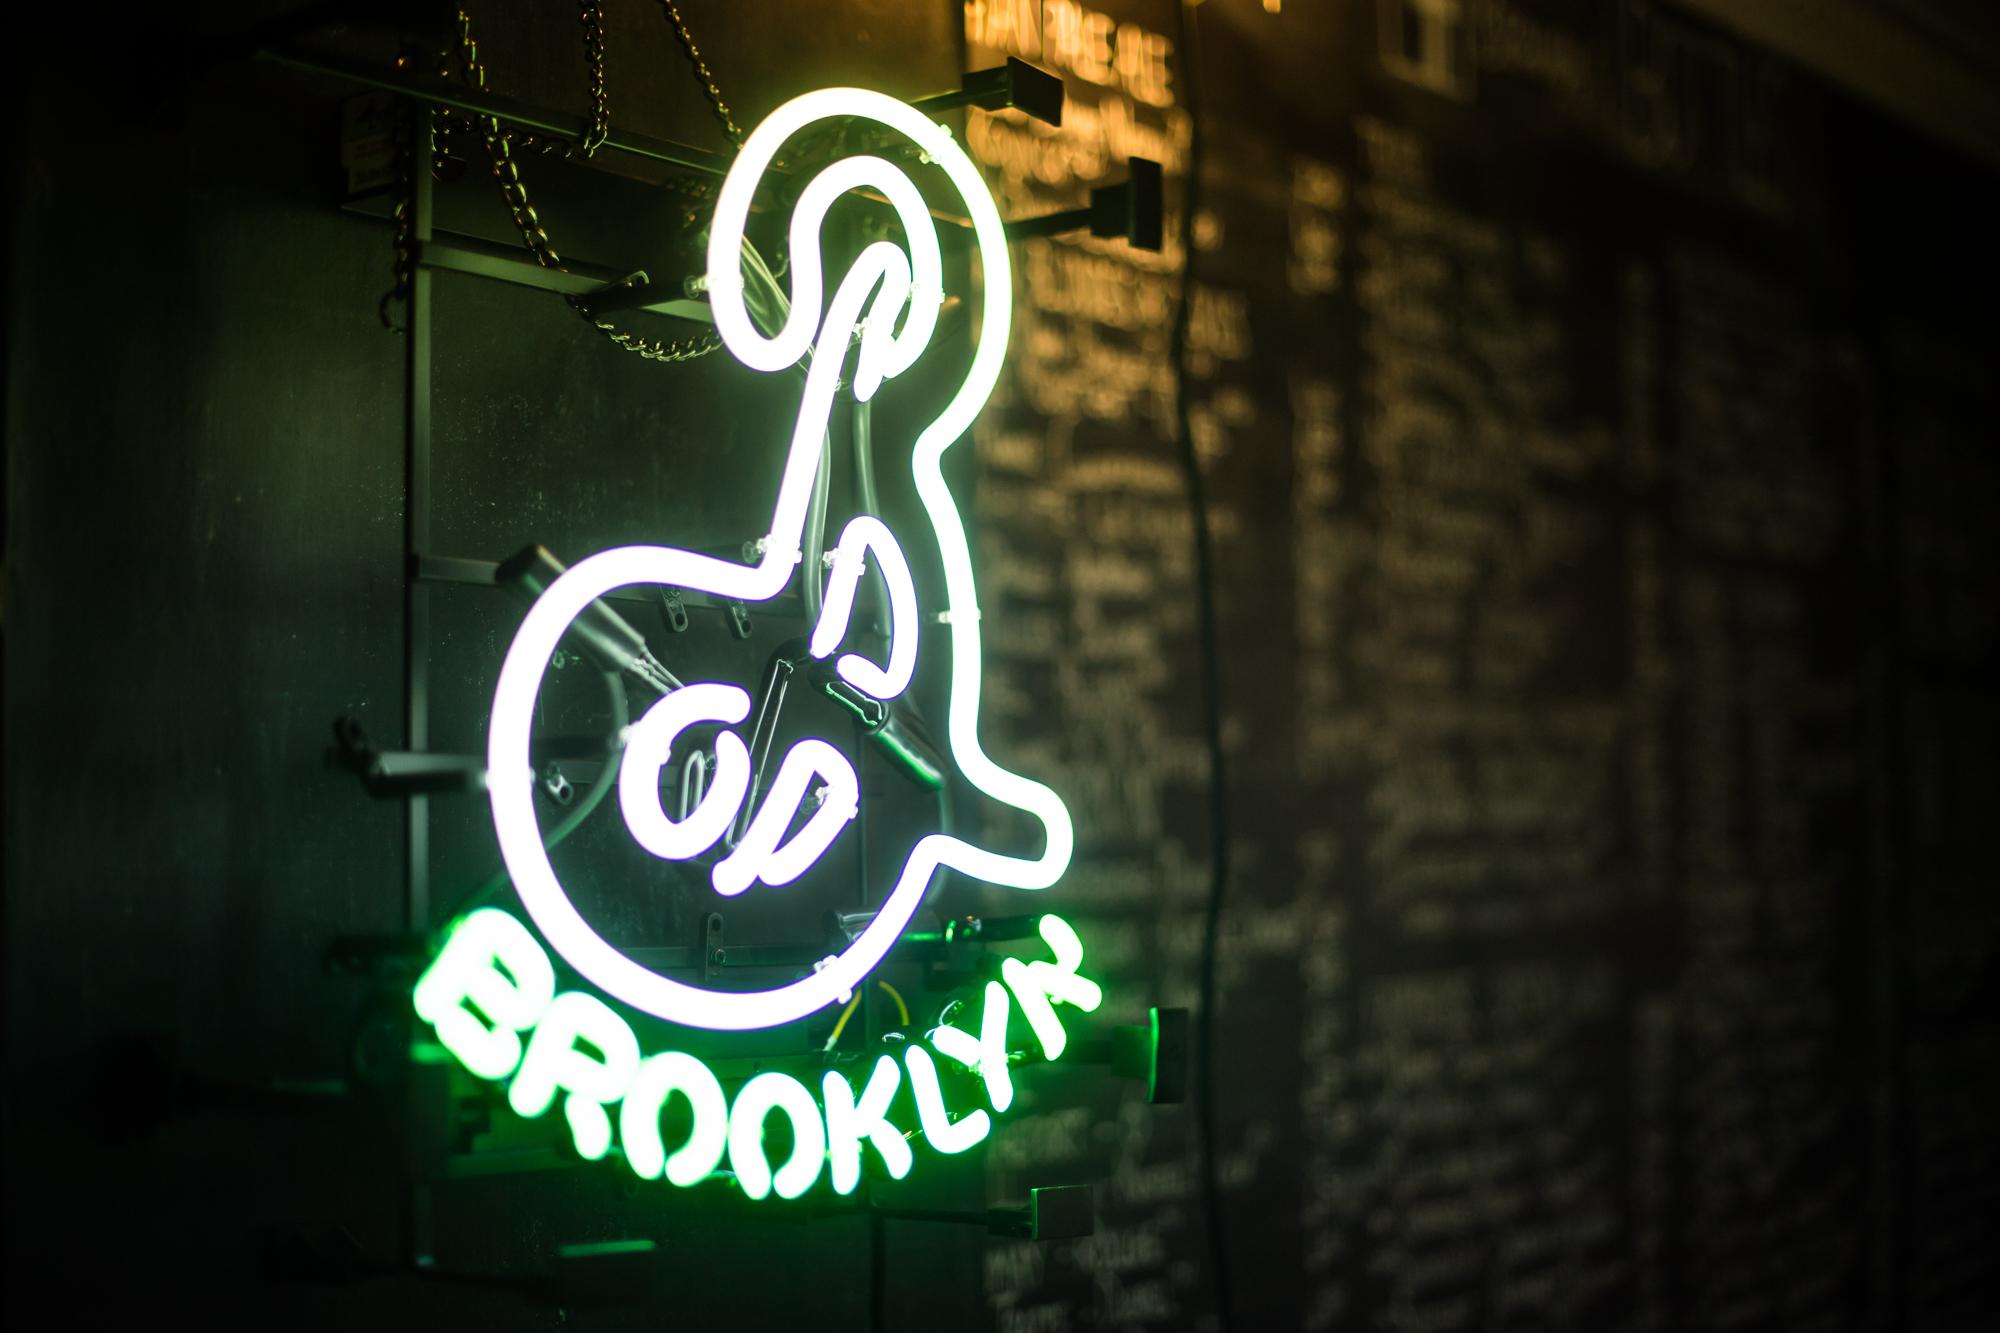 Brooklyn Brewery Glasgow